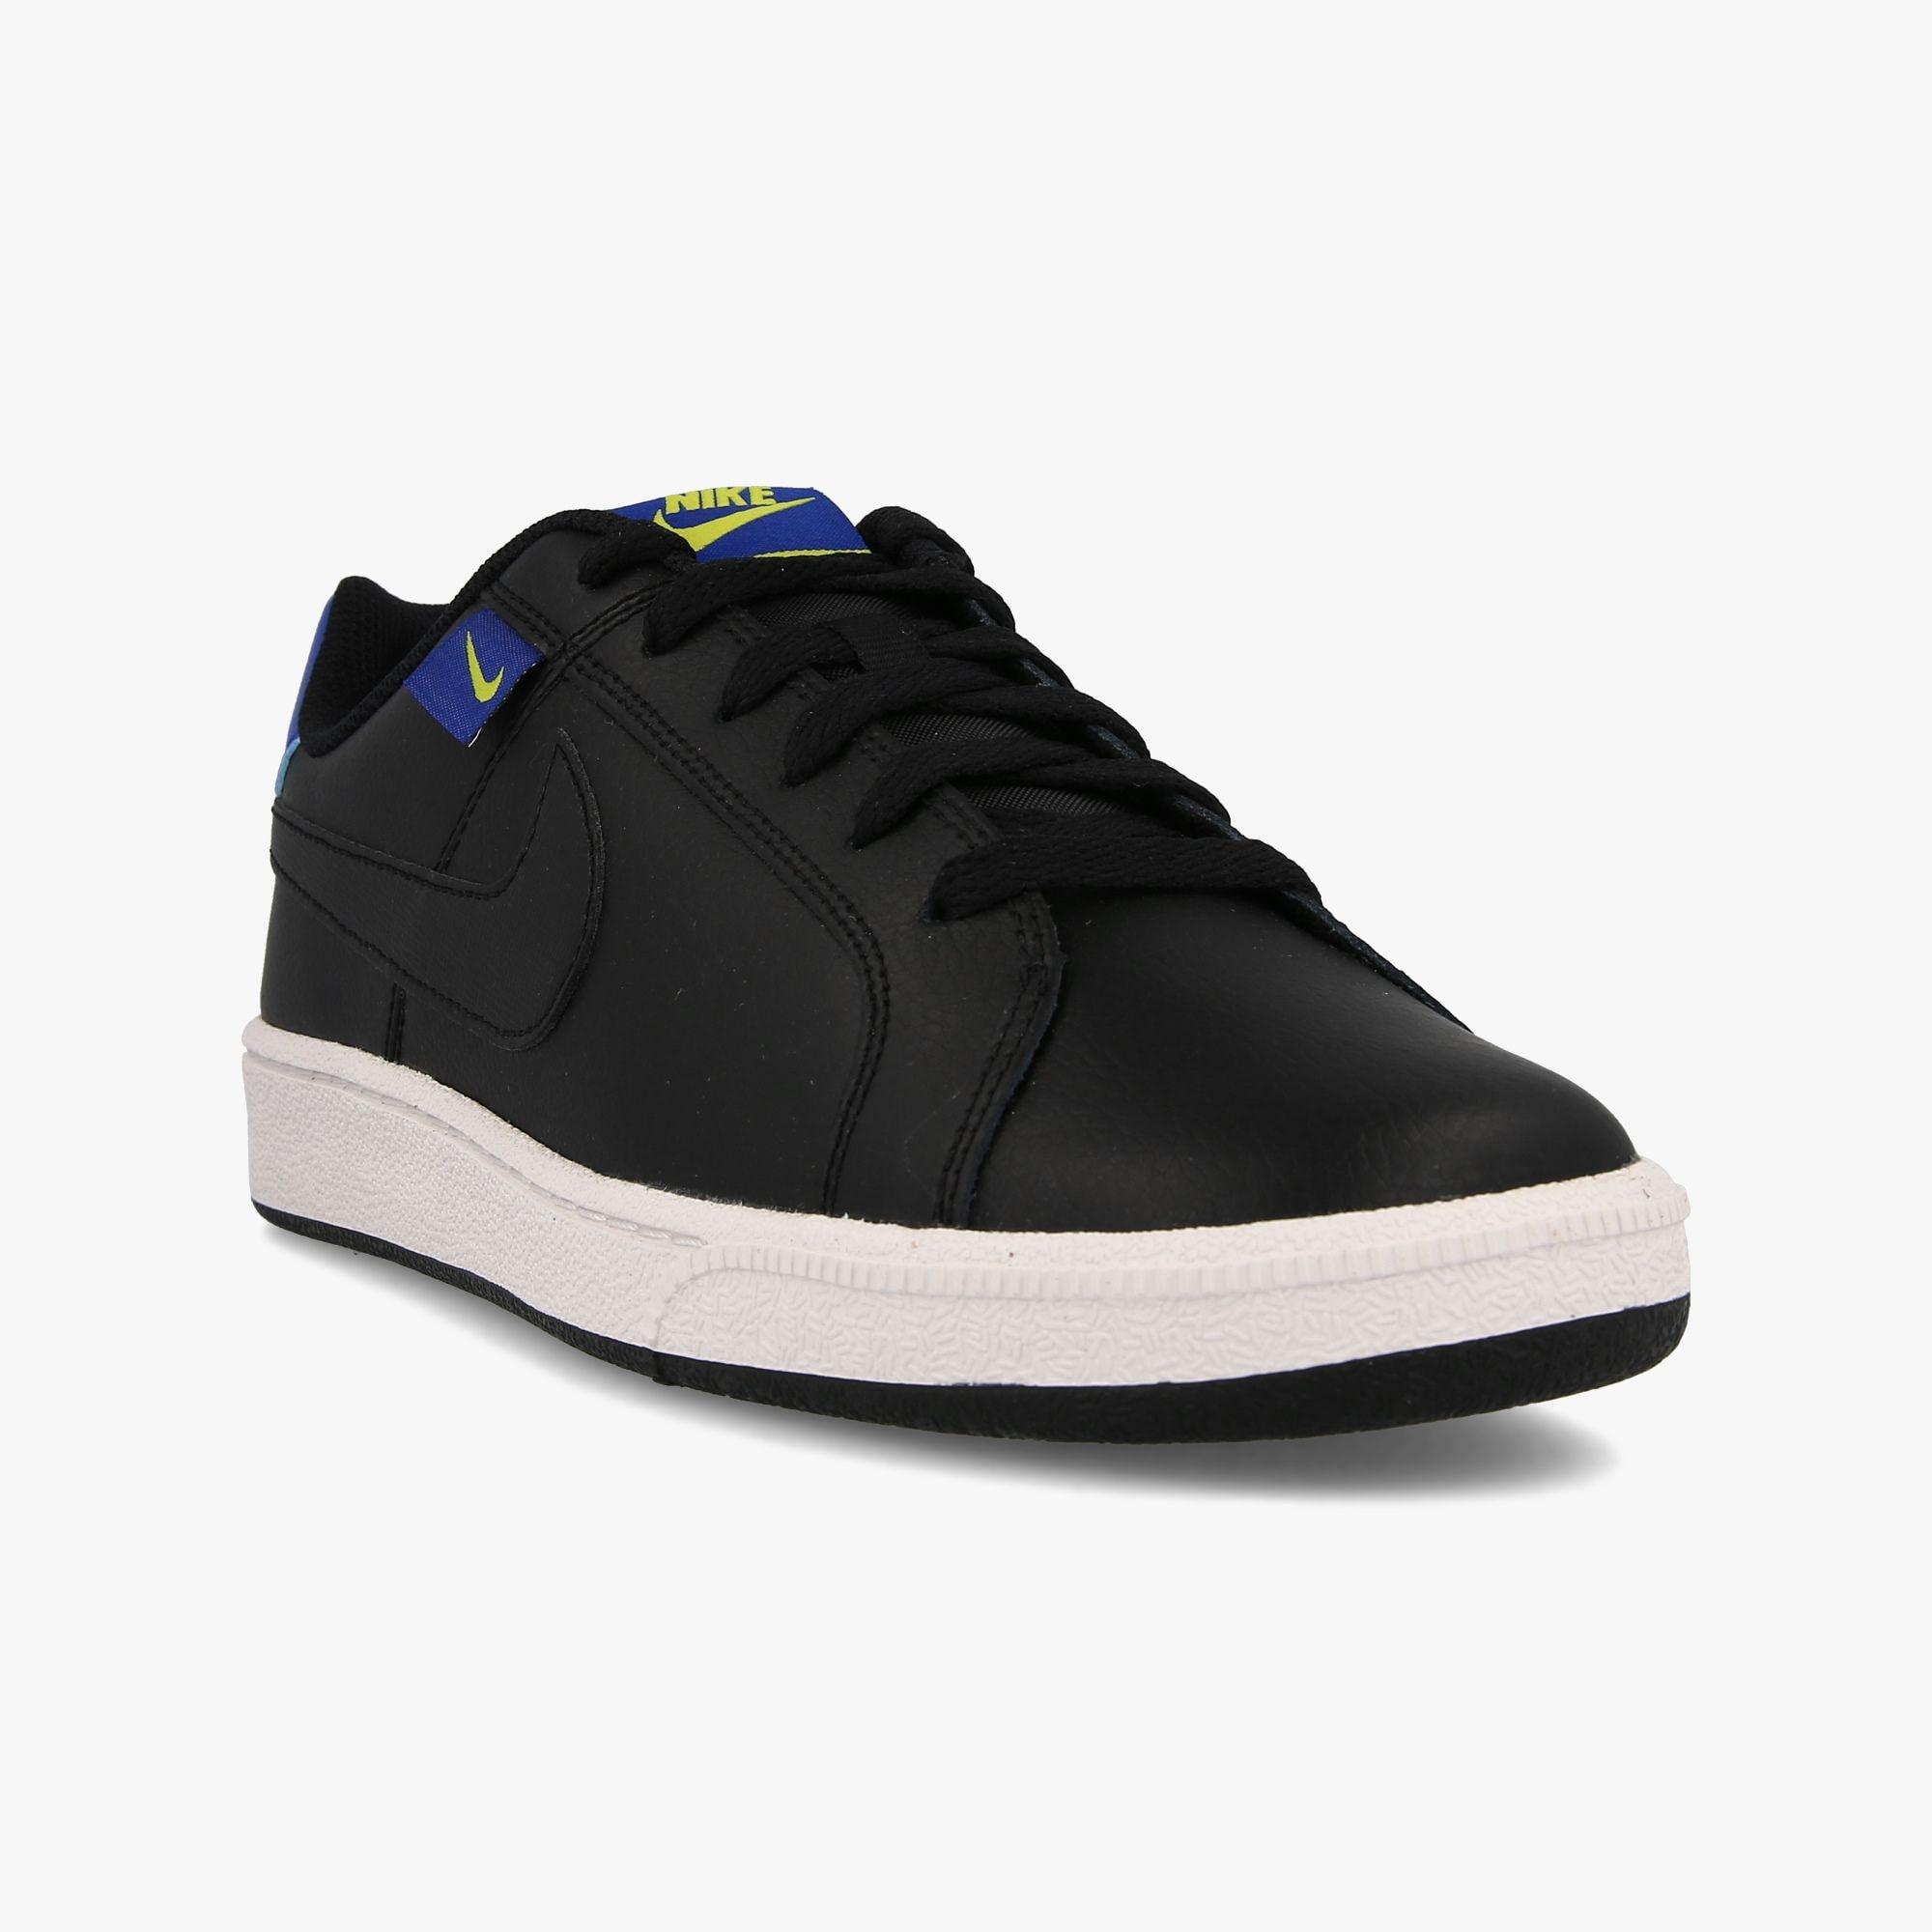 nike sneakers for men price